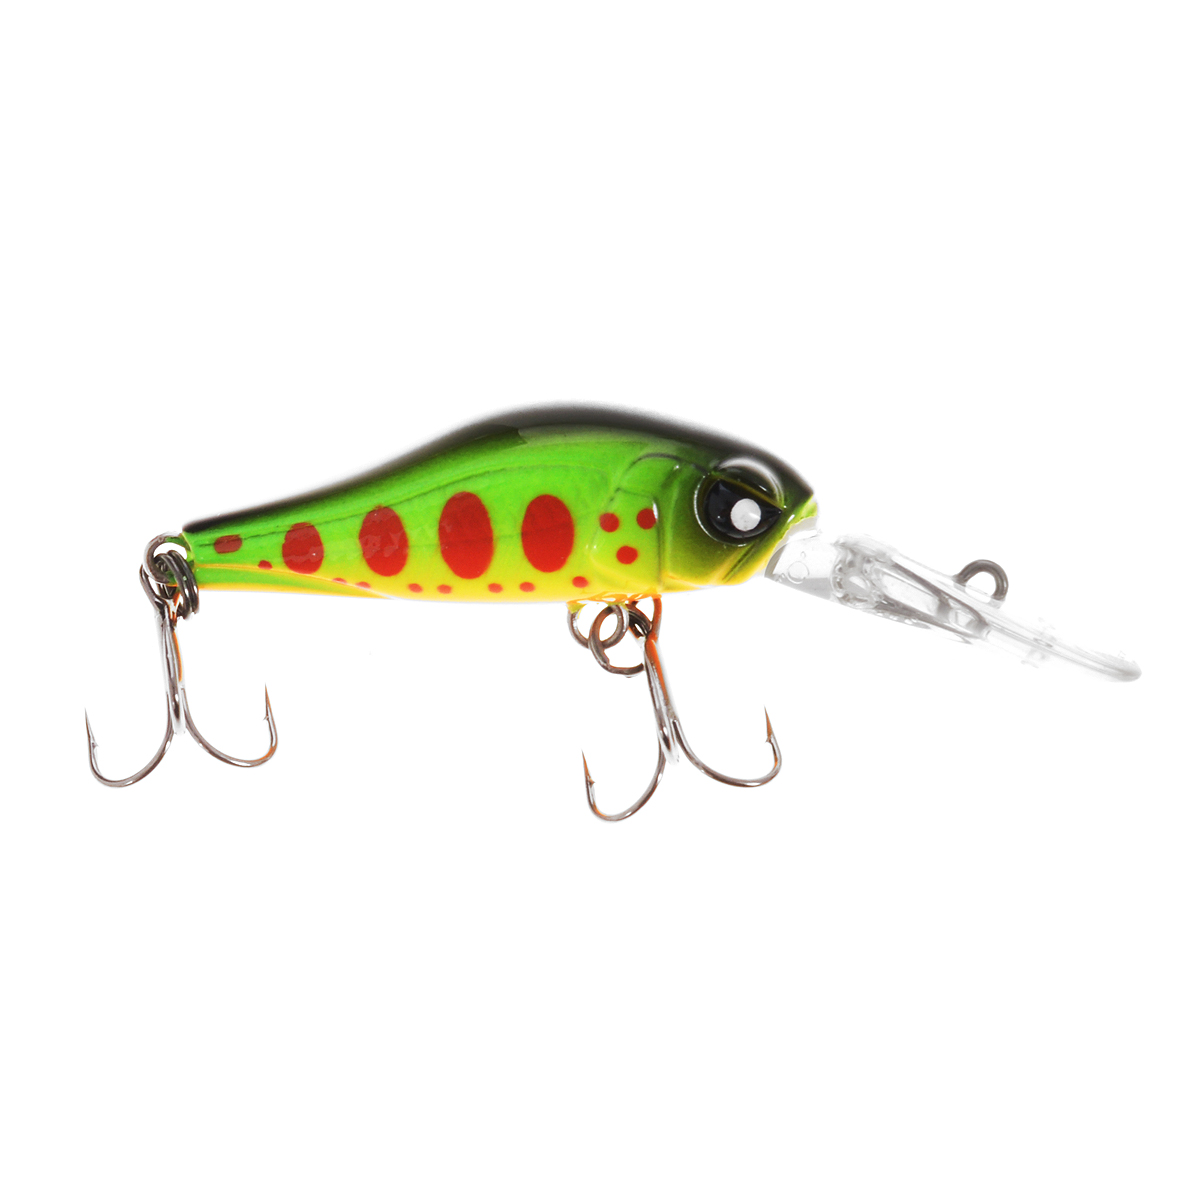 Воблер плавающий Lucky John Basara, цвет: зеленый, желтый, красный, 3,5 см, 2 г